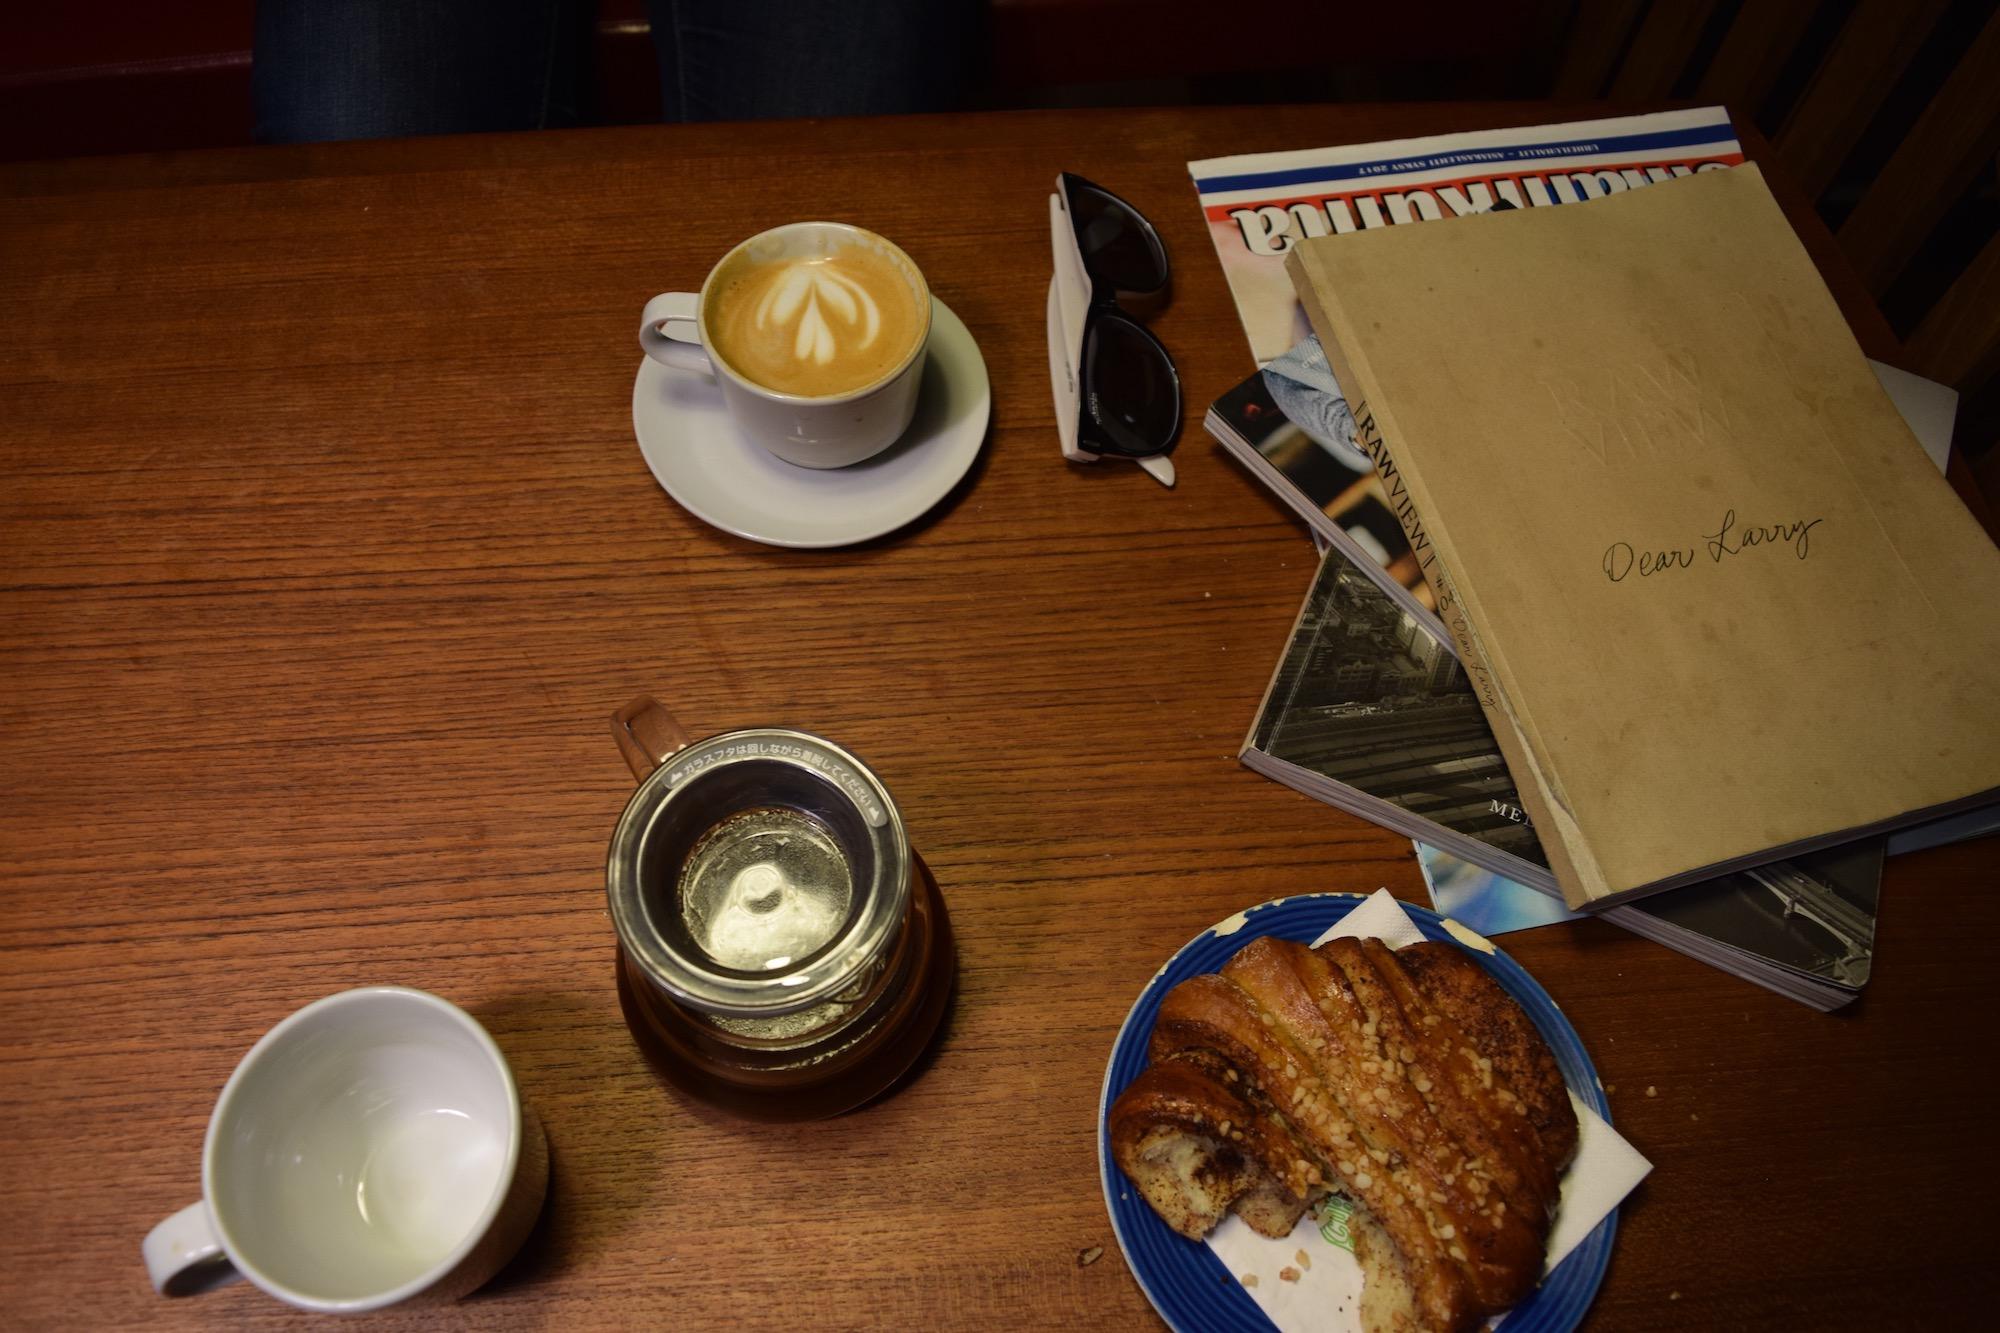 helsinkicoffee.jpg